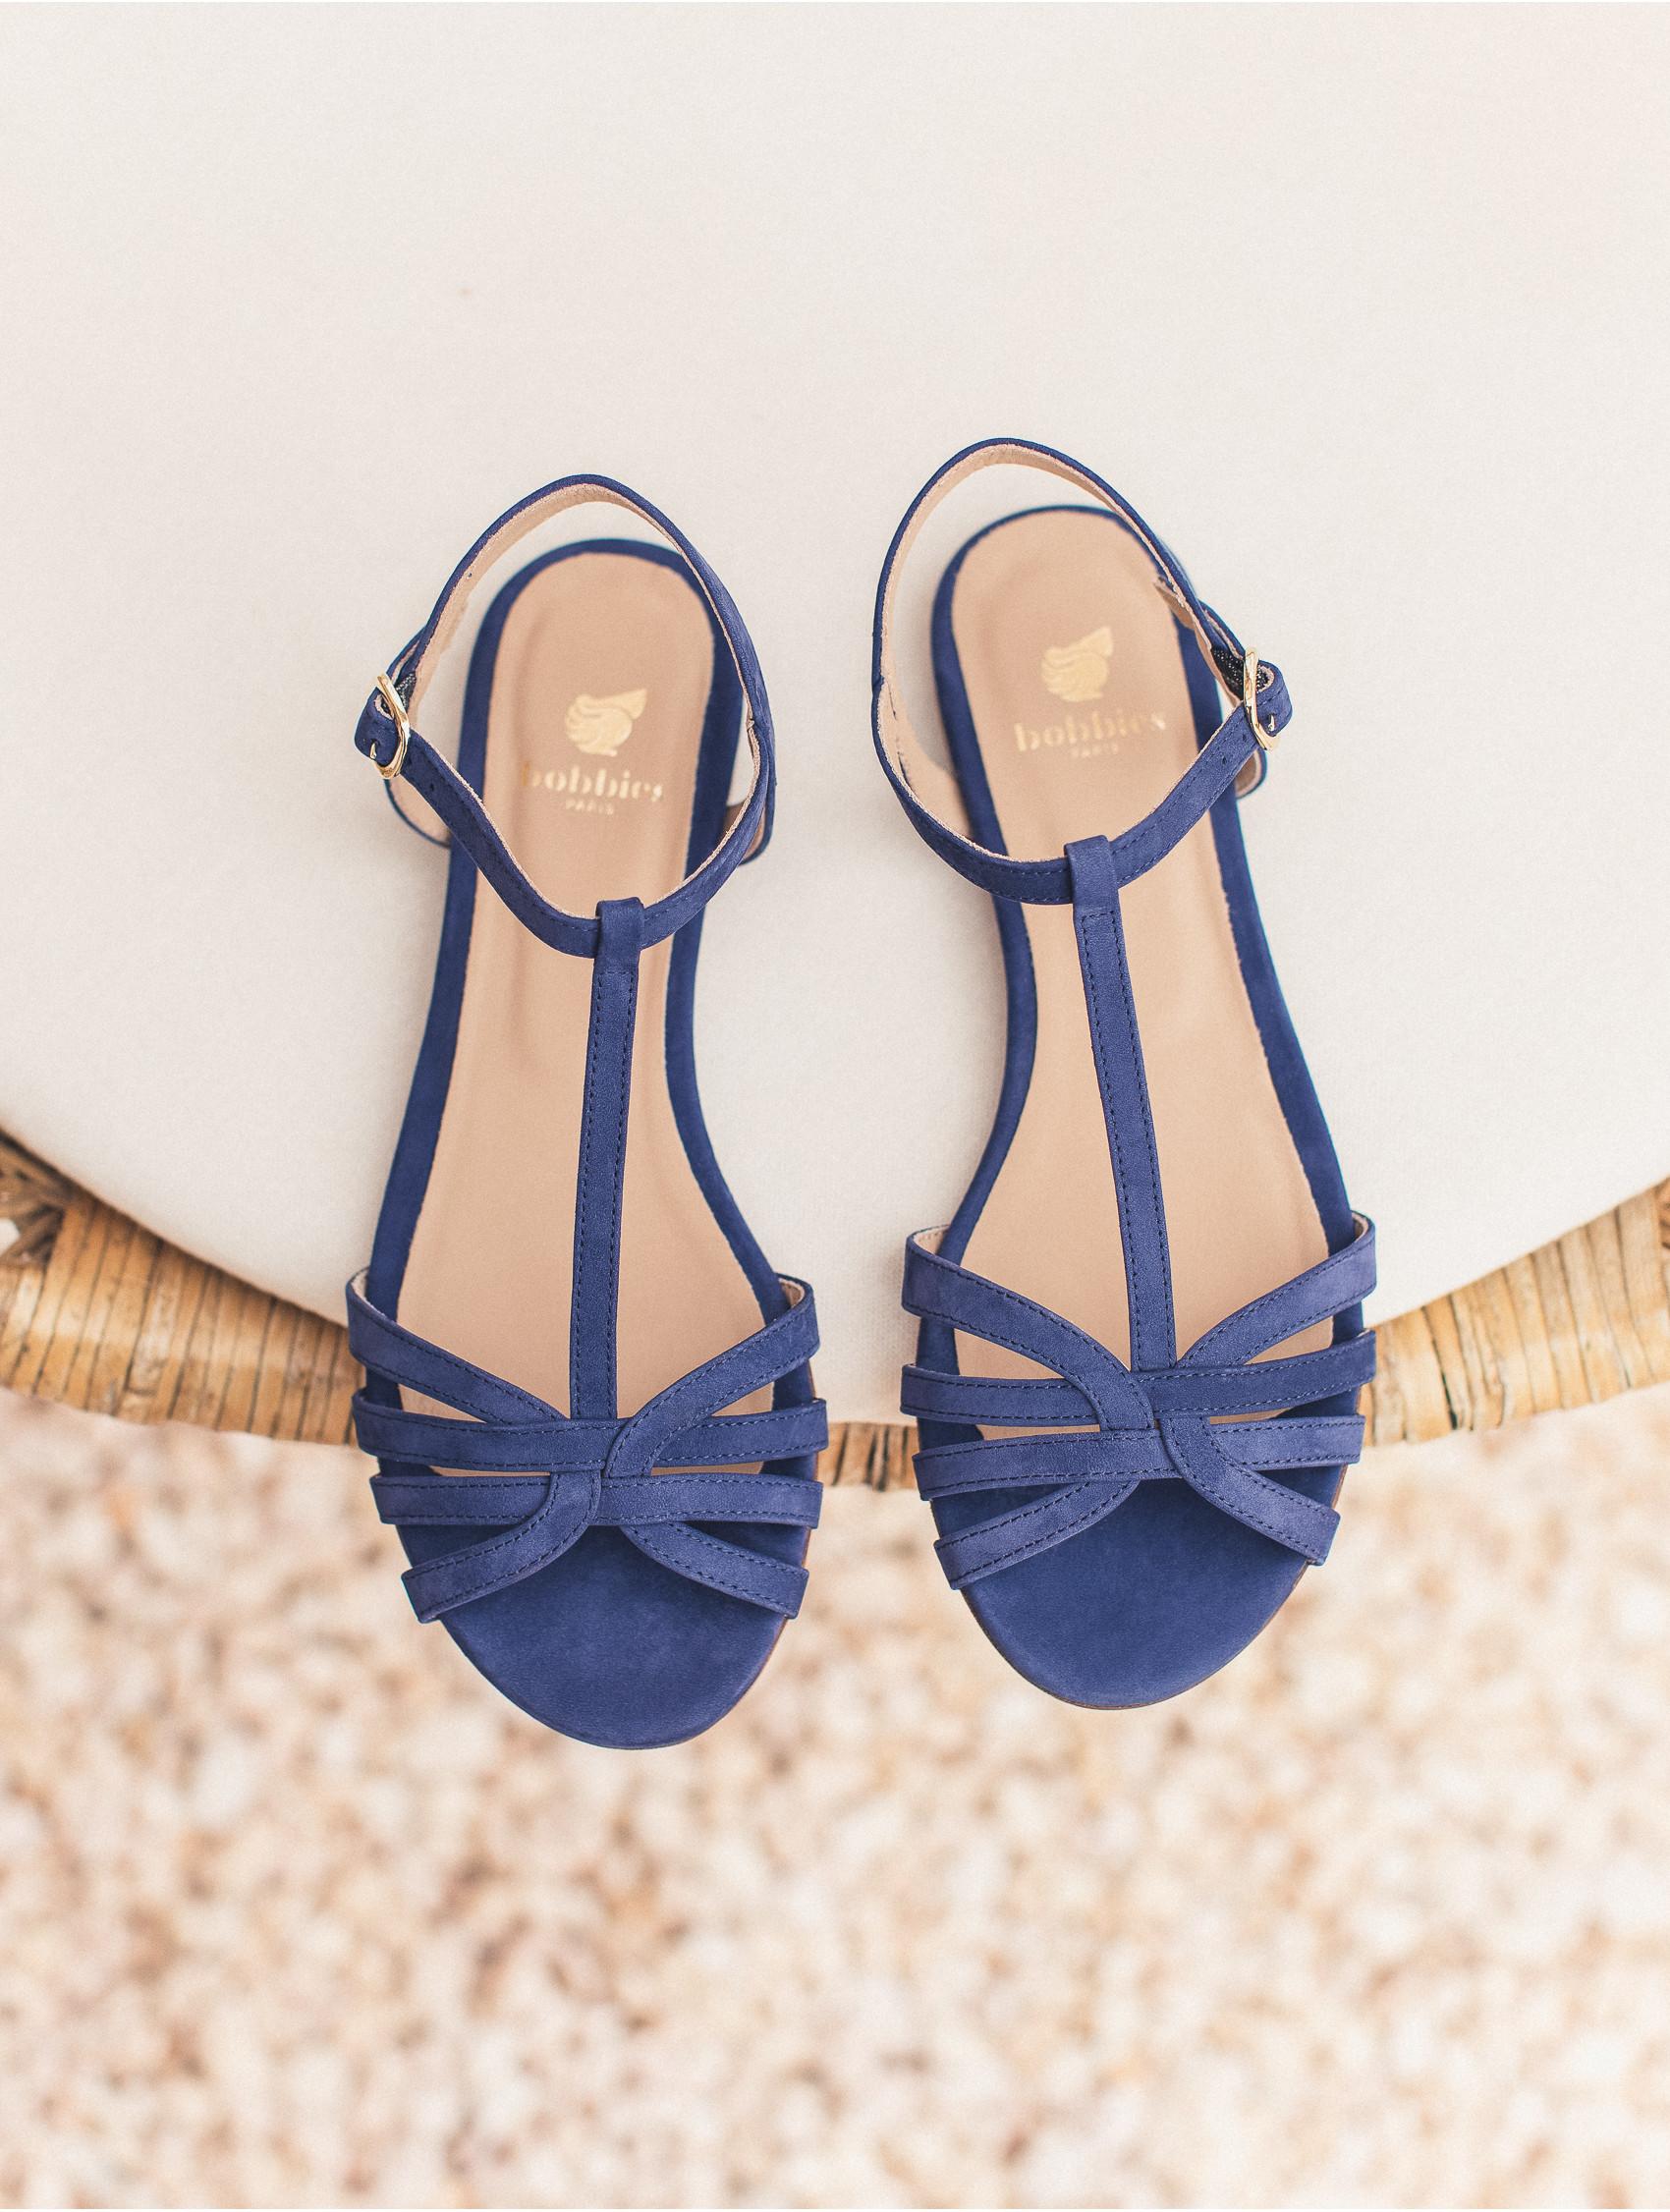 Égyptien Bleu La Plates Sandales Merveille Bobbies IEe9W2DHY